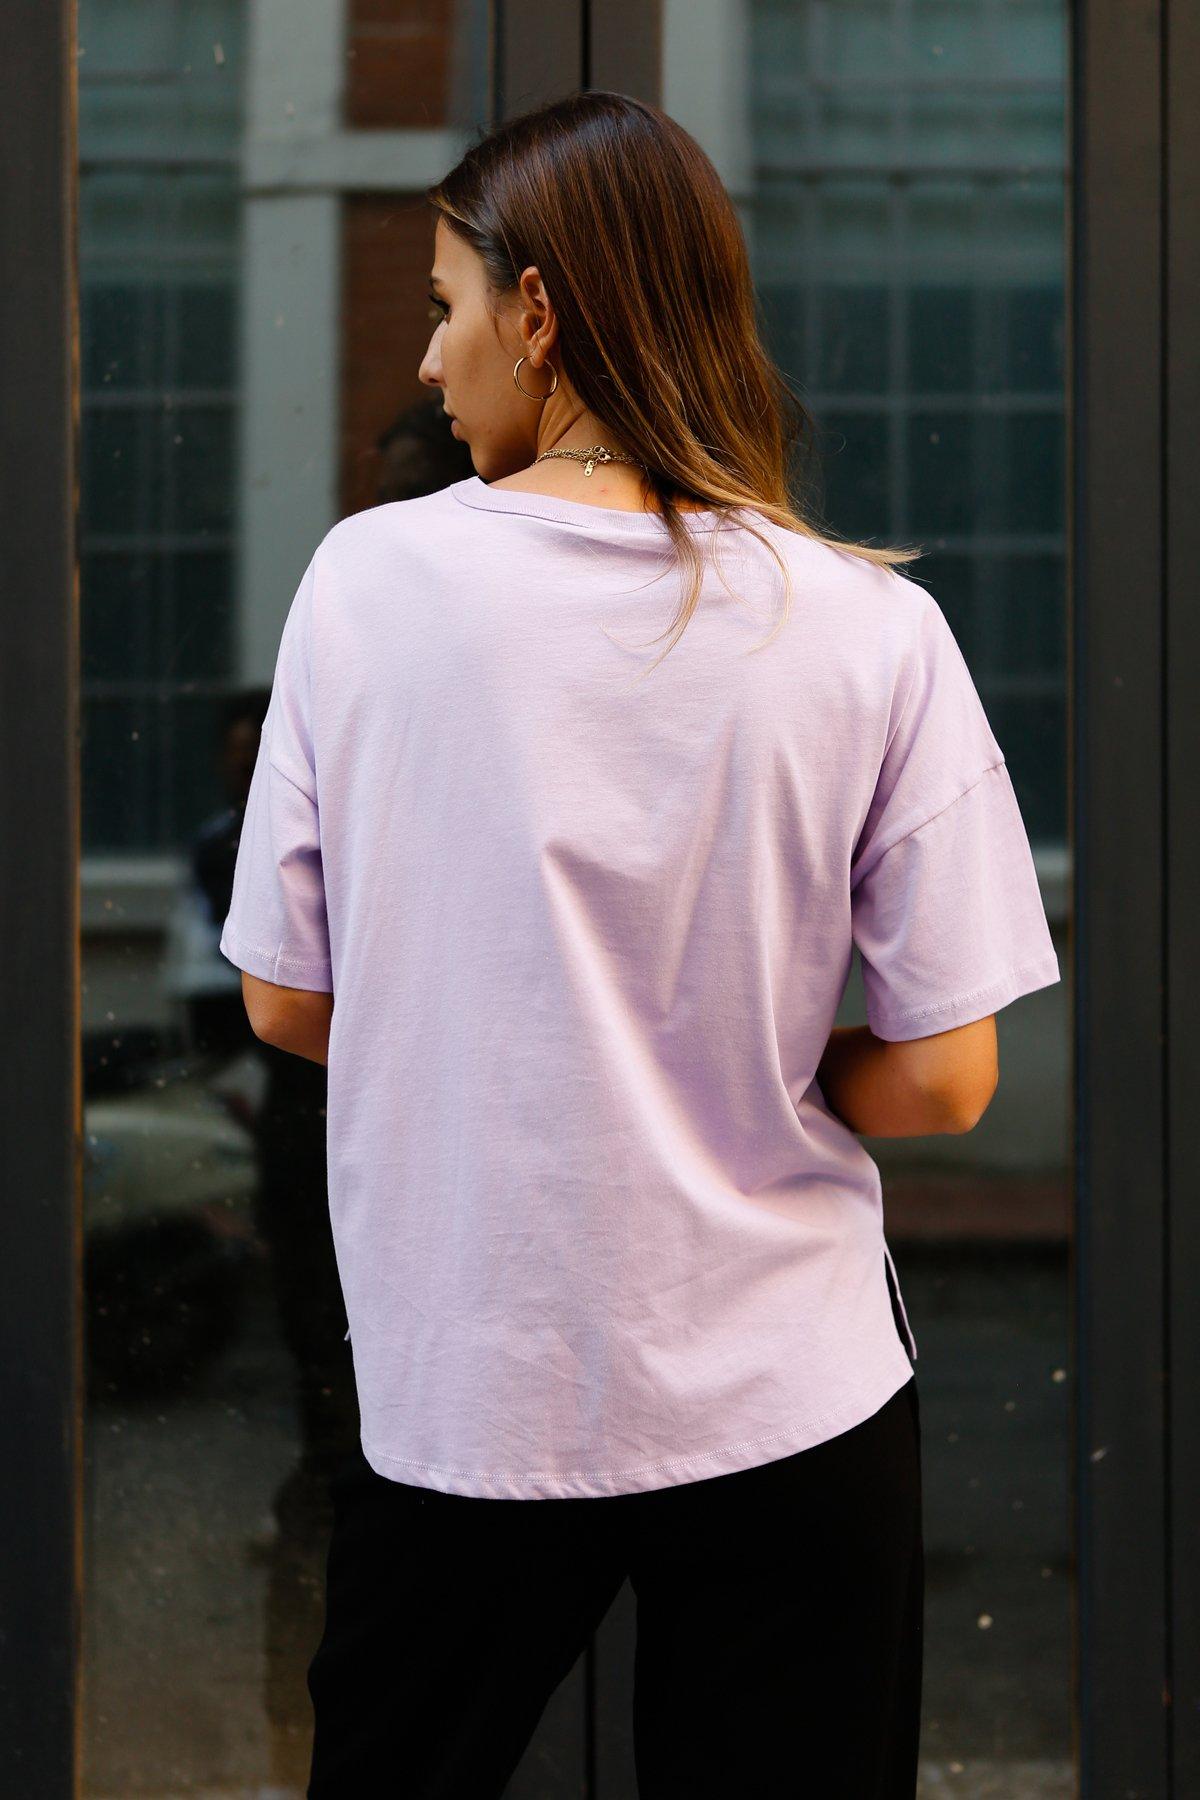 Önü Kısa Arkası Uzun Kısa Kol Tişört